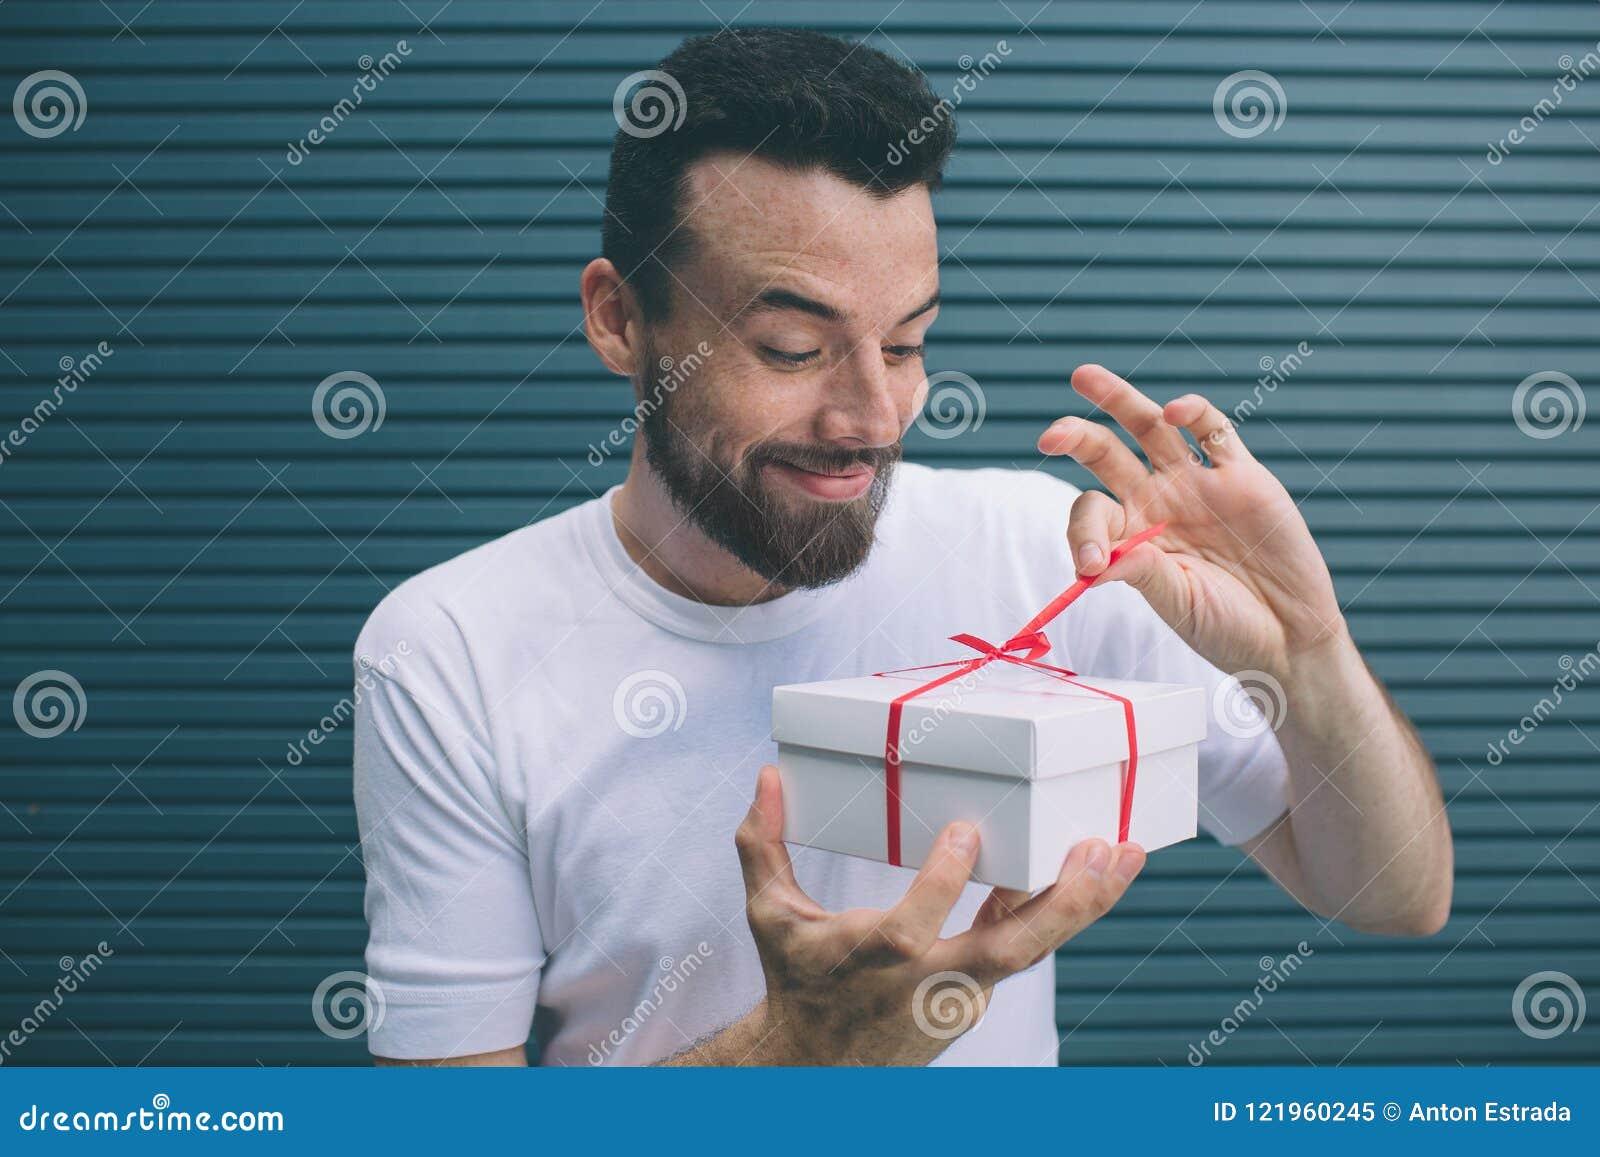 Ο ευχάριστος και συμπαθητικός τύπος ανοίγει το παρόν κιβώτιο Εξετάζει το irt και βγάζει την κόκκινη κορδέλλα Είναι πολύ συγκινημέ